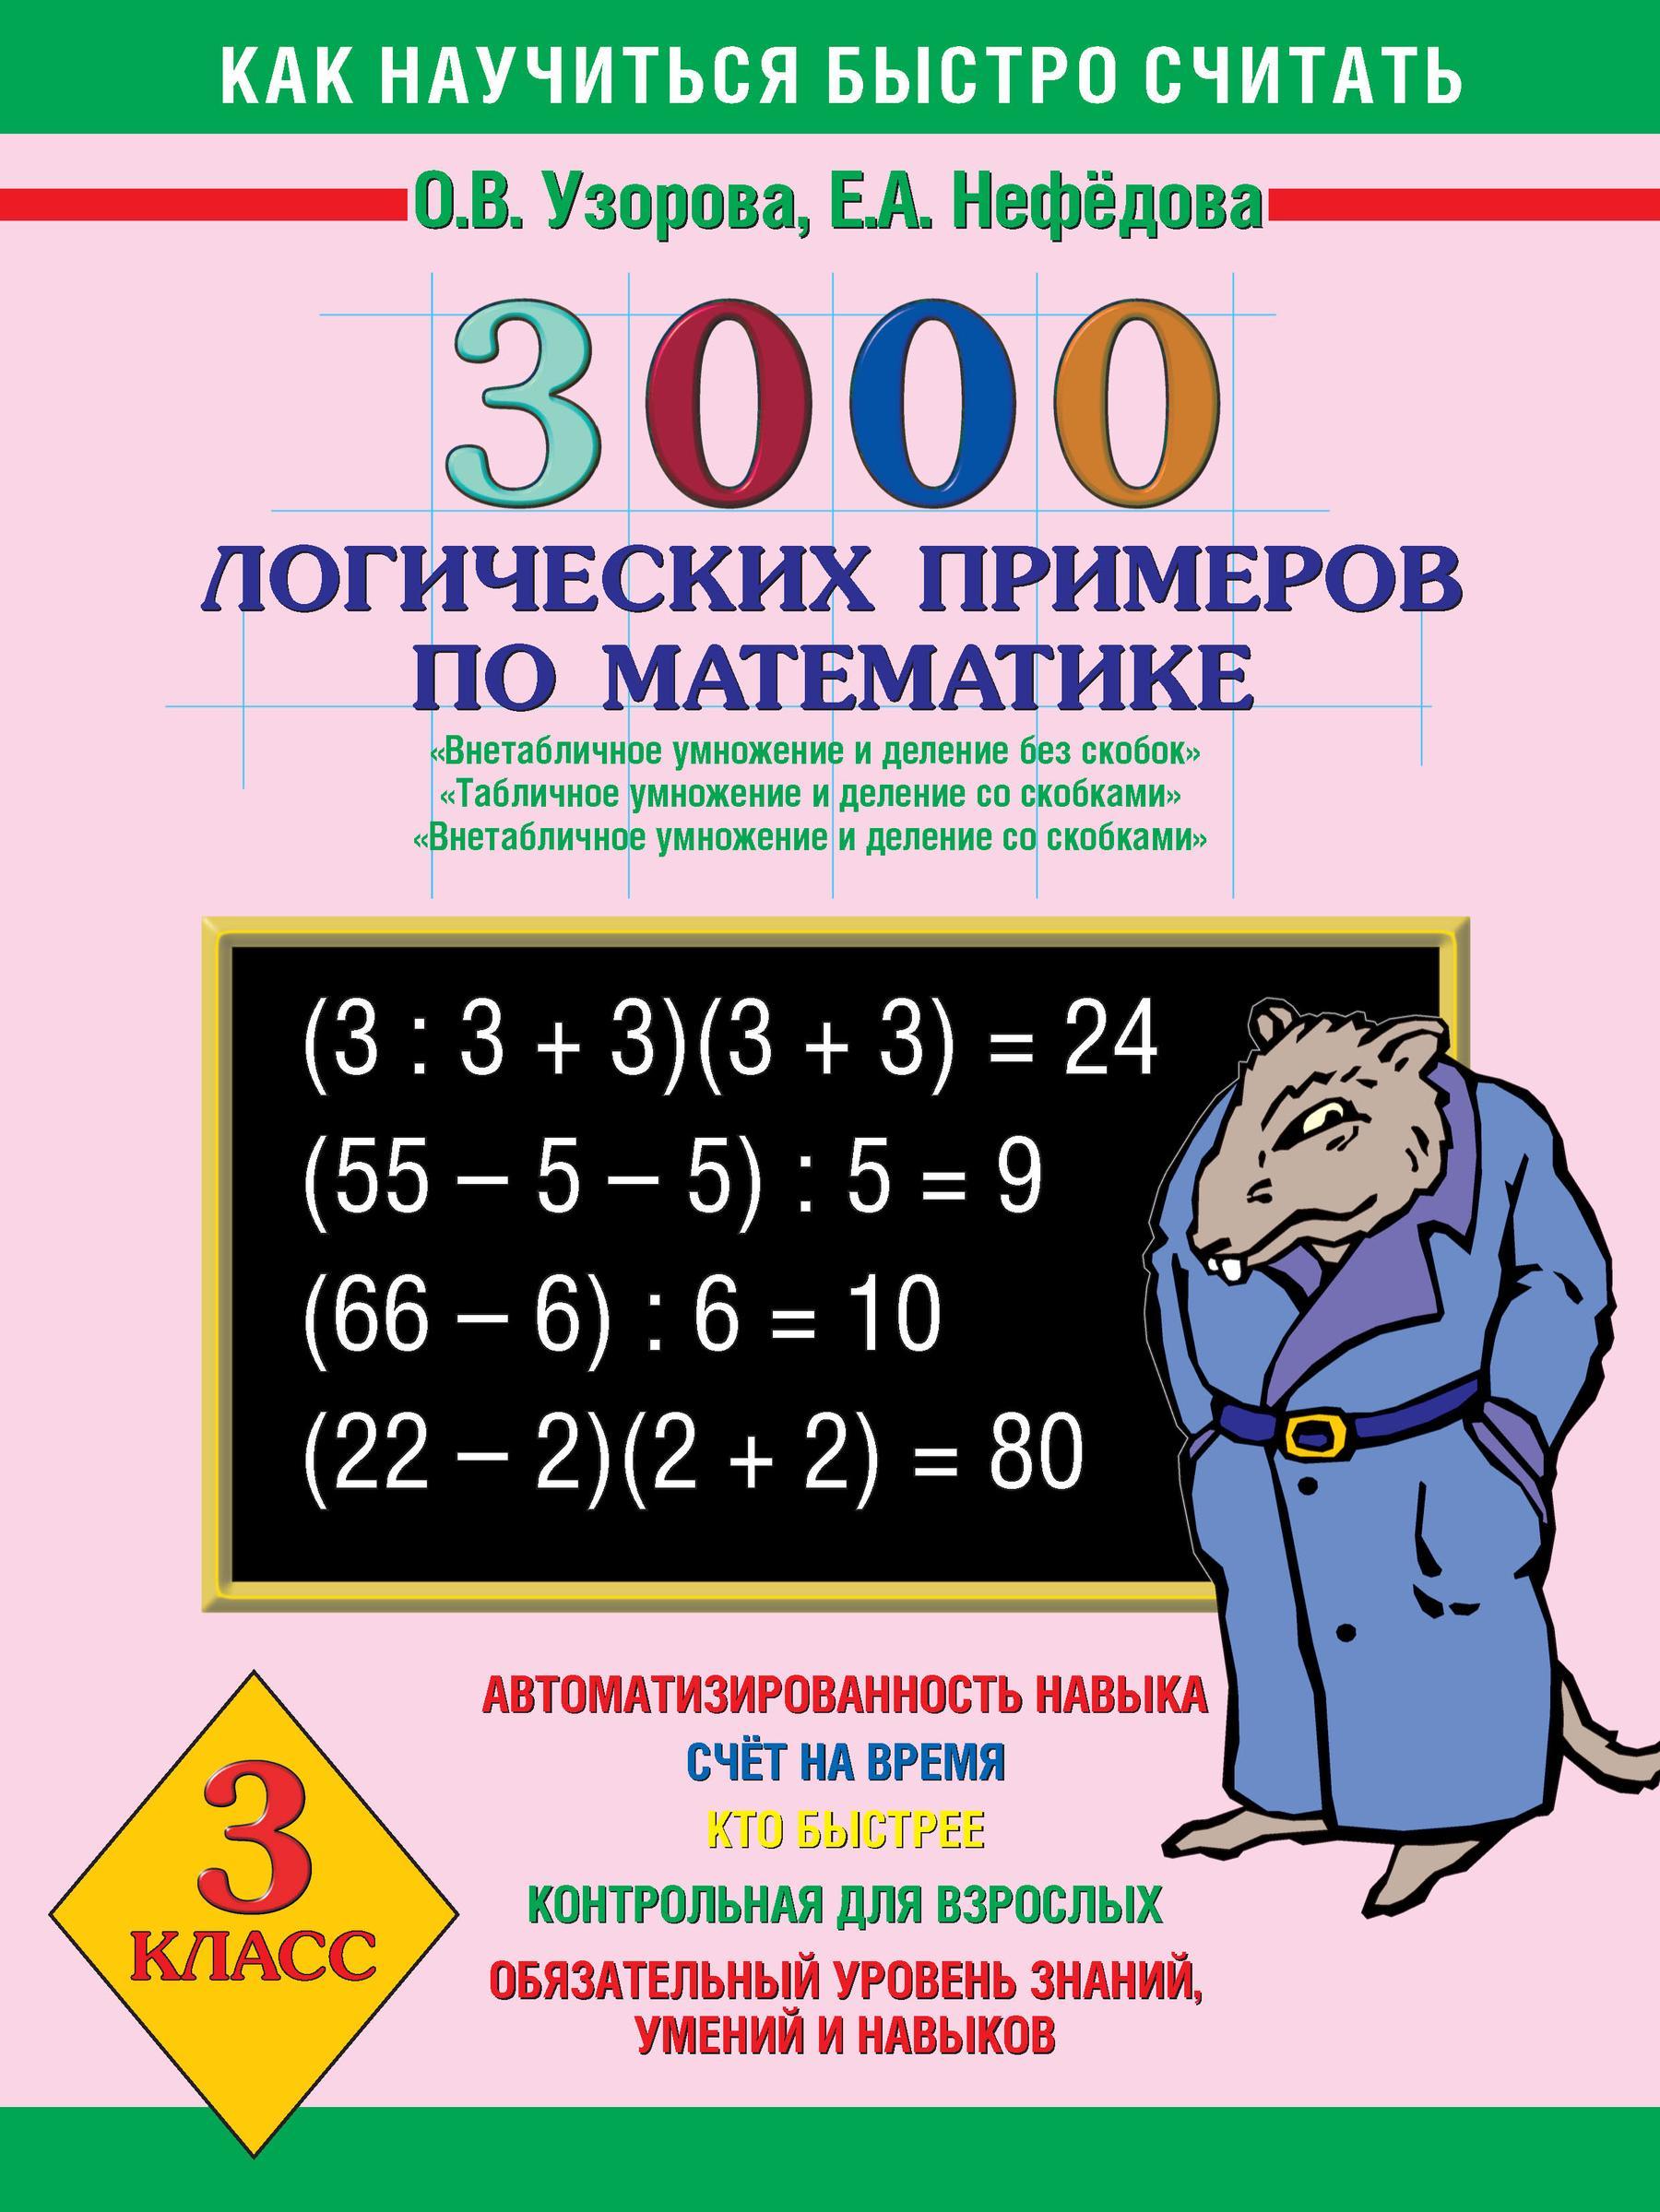 О. В. Узорова 3000 логических примеров по математике. Внетабличное умножение и деление без скобок. Табличное умножение и деление со скобками. Внетабличное умножение и деление со скобками. 3 класс 3000 примеров по математике внетабличное умножение и деление 3 4 класс новые примеры узорова о в нефедова е а